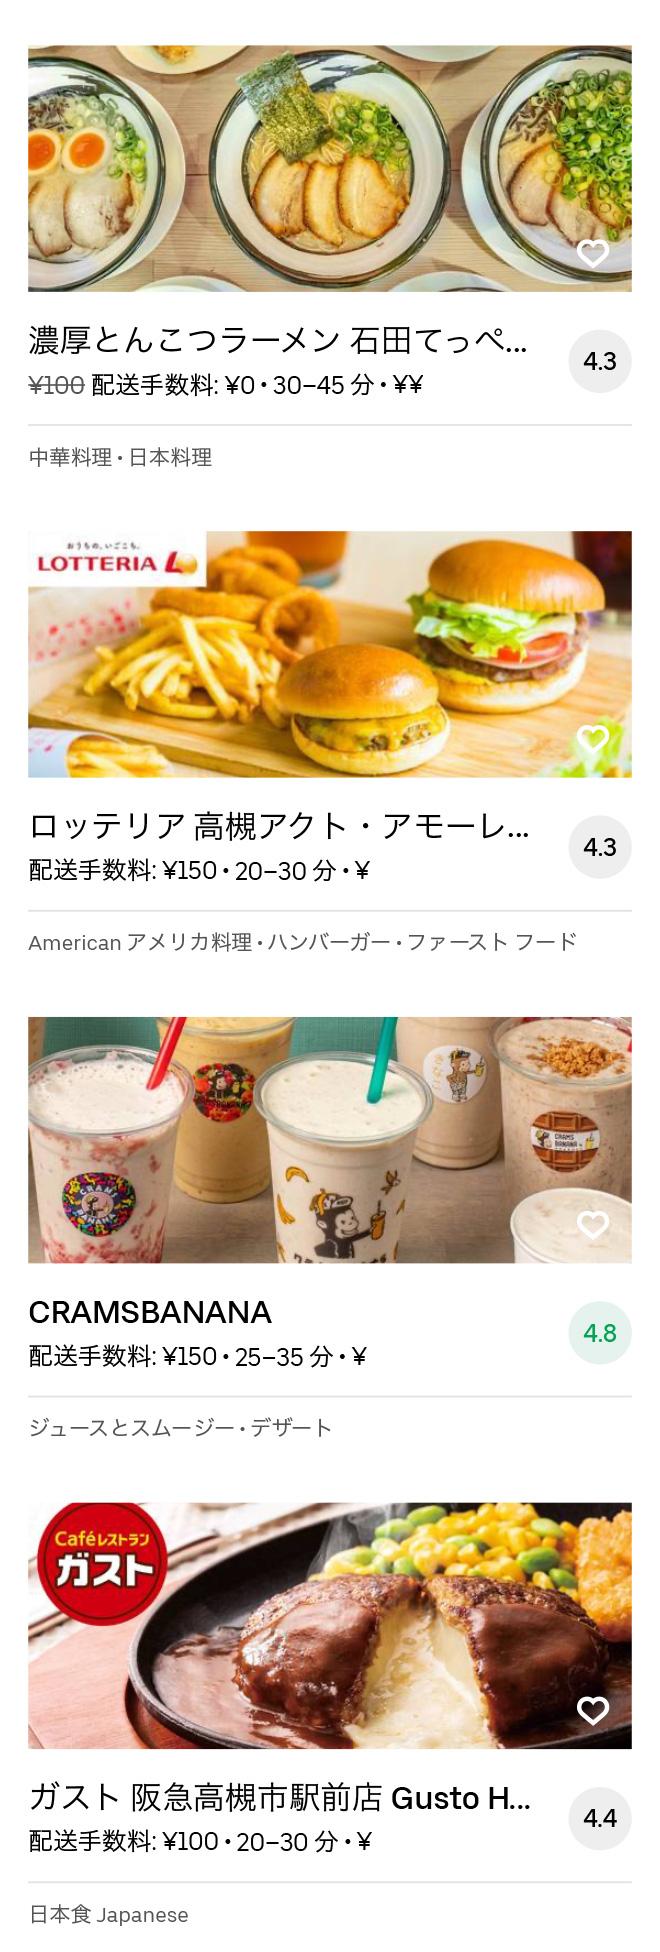 Takatsuki menu 2008 03